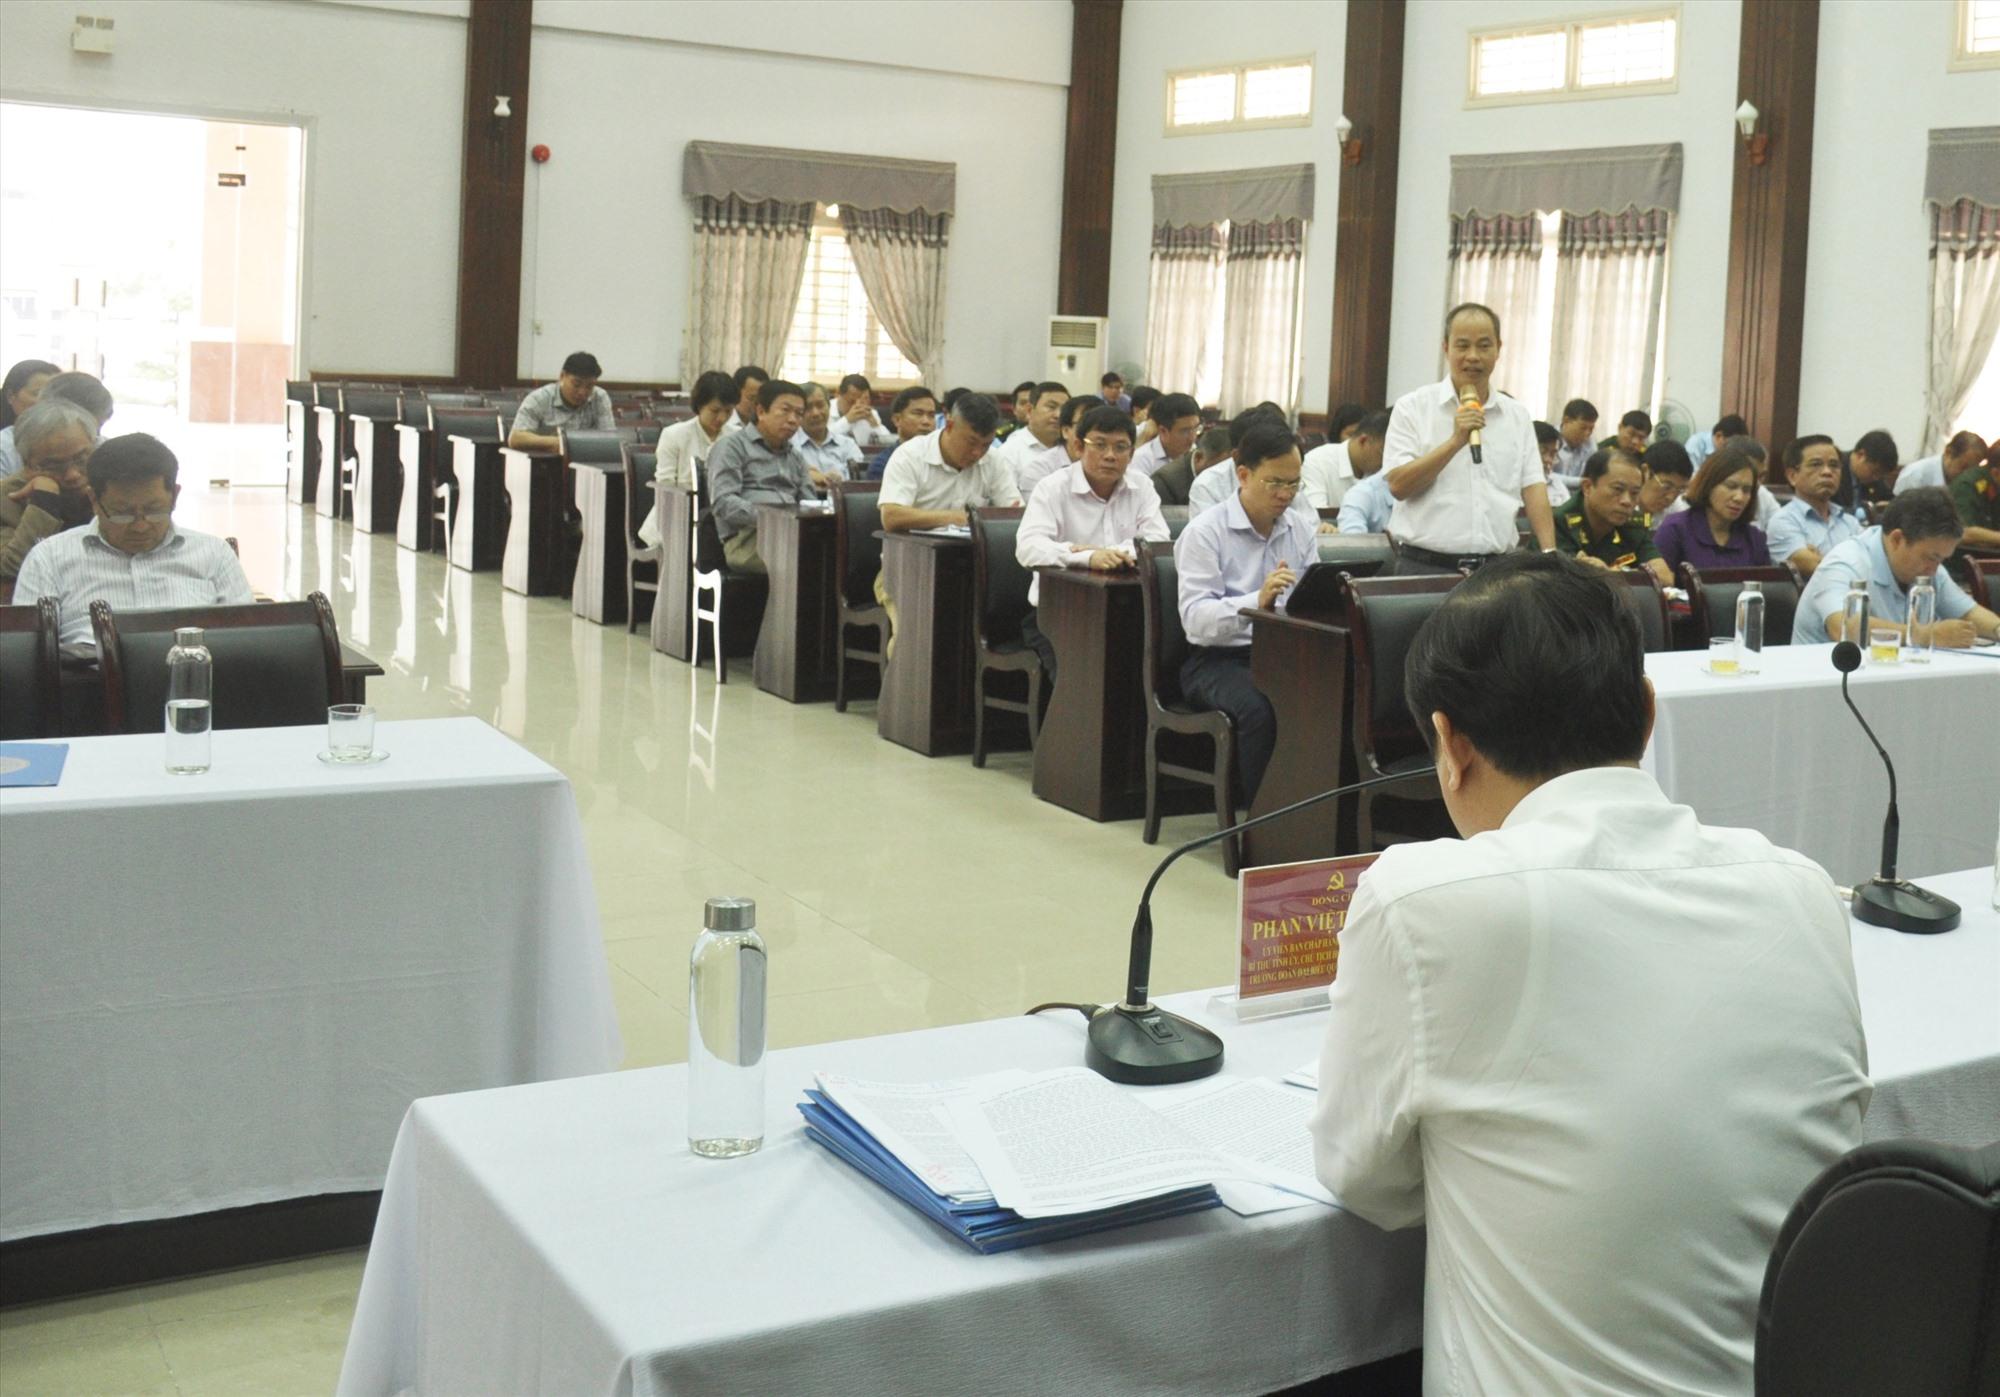 Đại biểu góp ý vào dự thảo văn kiện Báo cáo chính trị trình Đại hội đại biểu Đảng bộ tỉnh lần thứ XXII, nhiệm kỳ 2020 - 2025. Ảnh: N.Đ